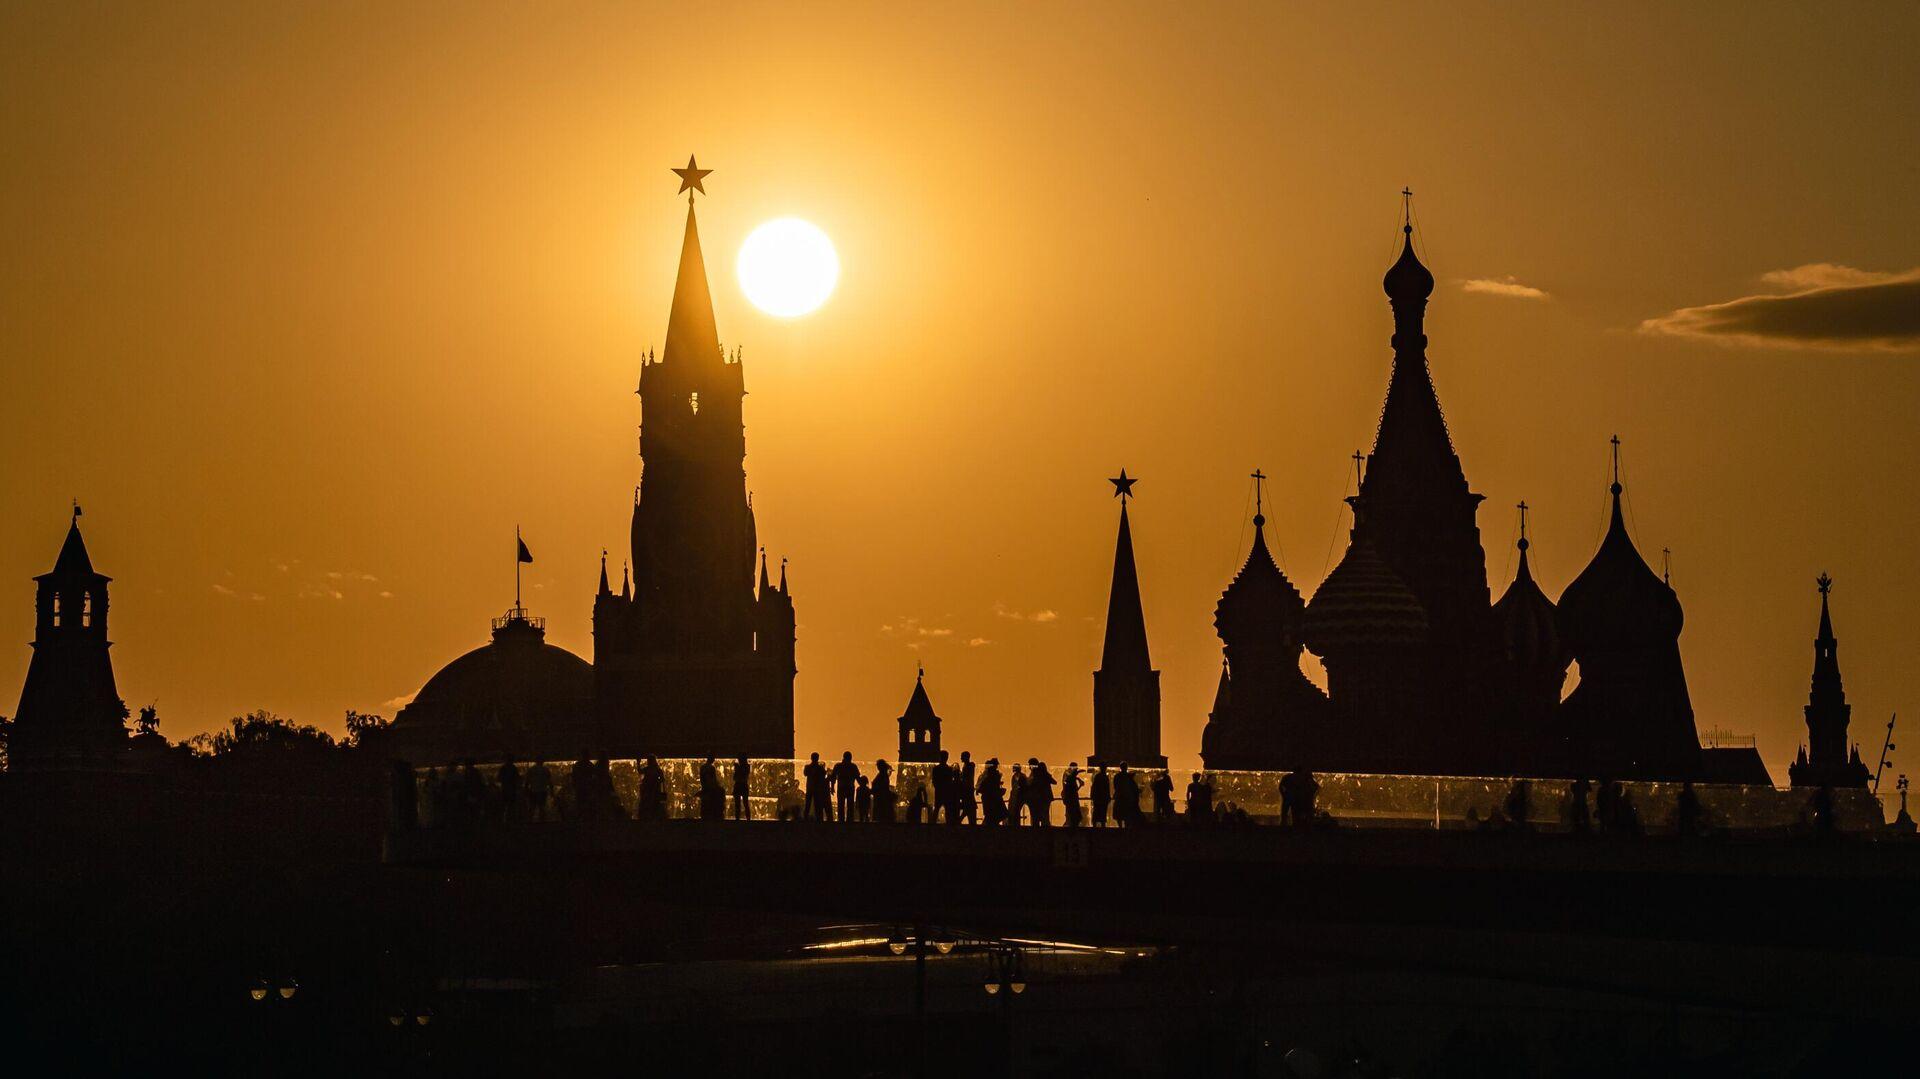 Закат солнца на фоне Кремля - РИА Новости, 1920, 10.09.2021